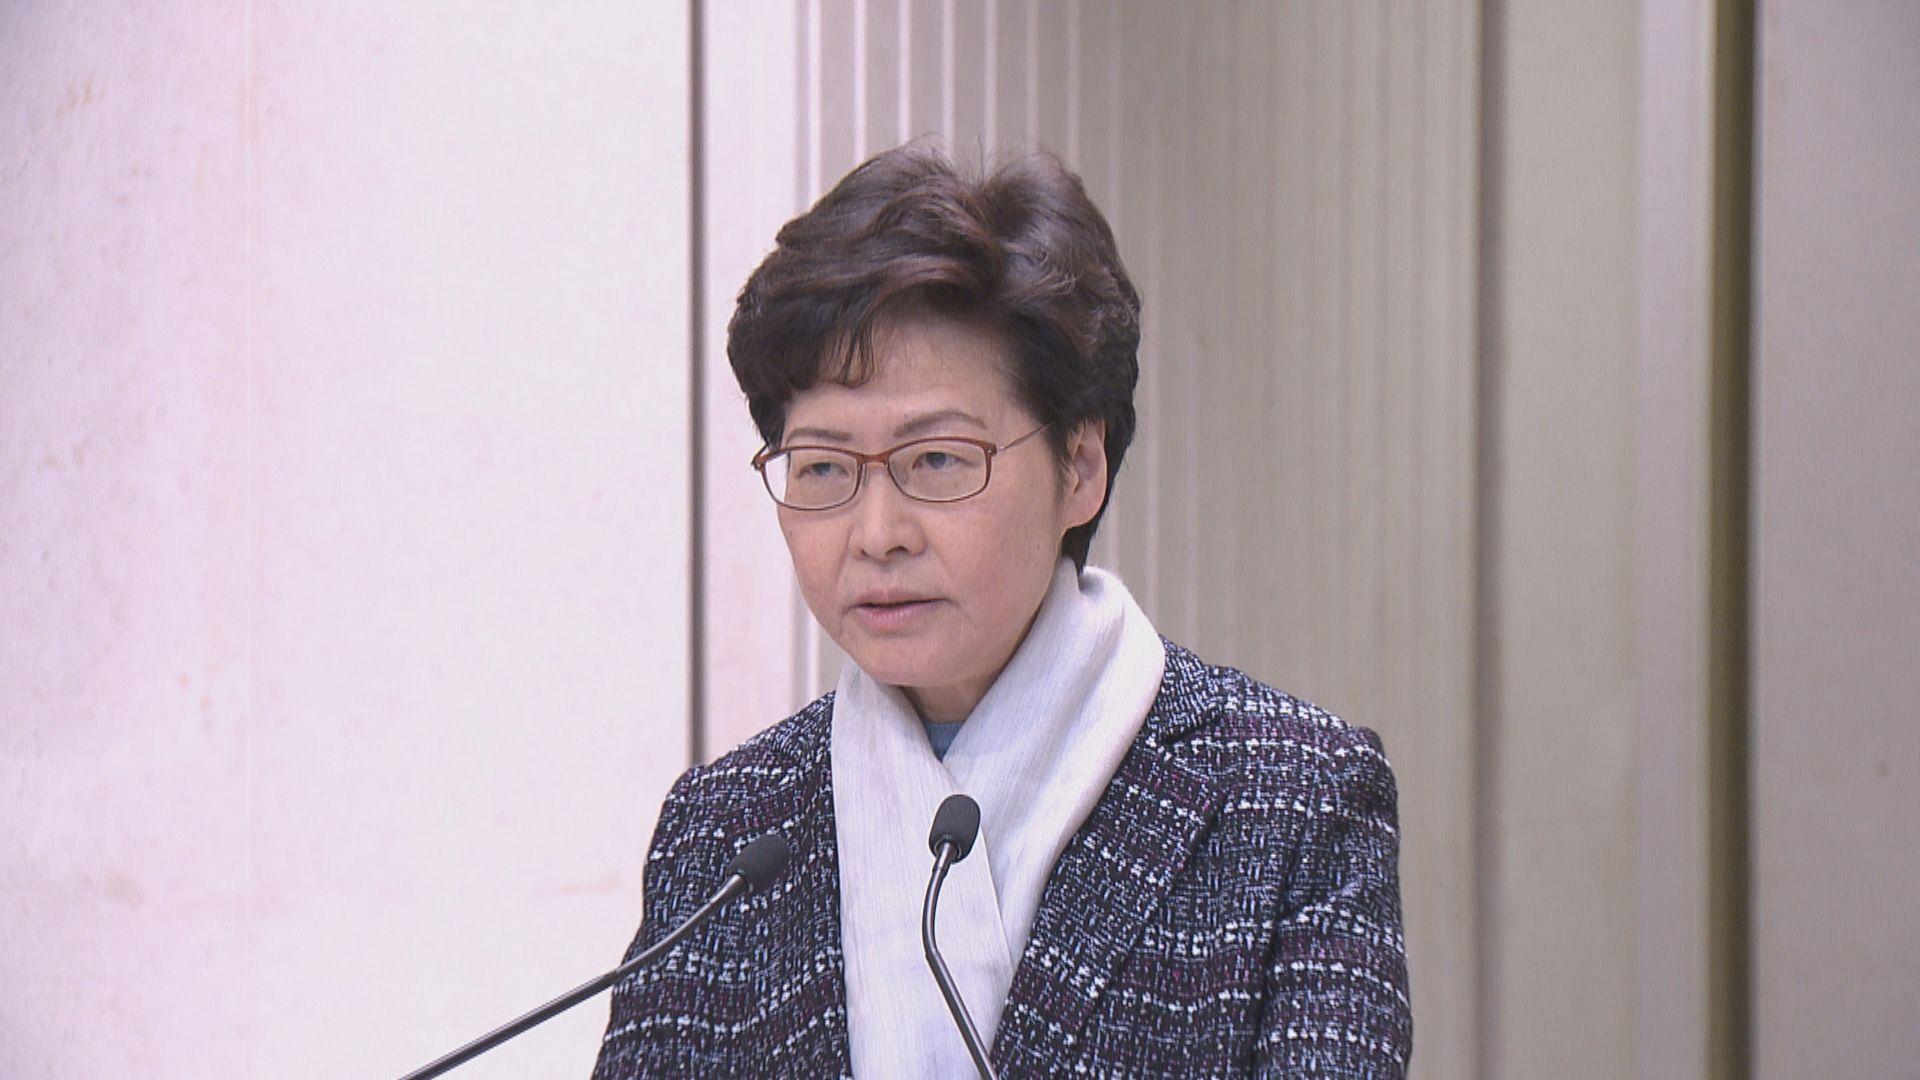 林鄭月娥:罷工影響緊急服務 情況令人擔心